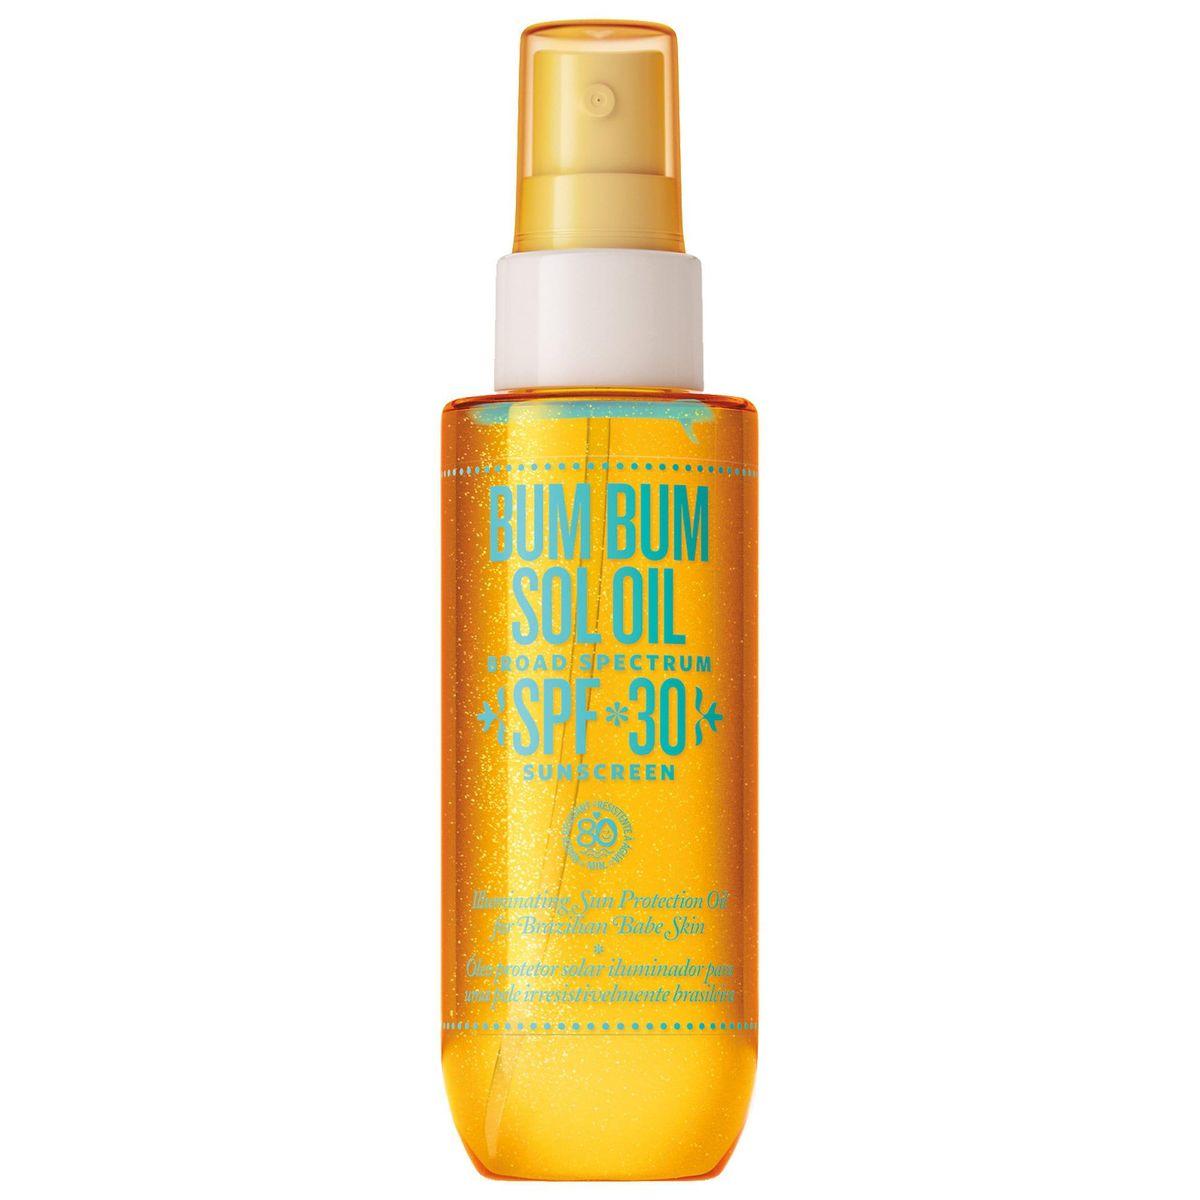 Bum Bum Sol Oil Sunscreen SPF 30